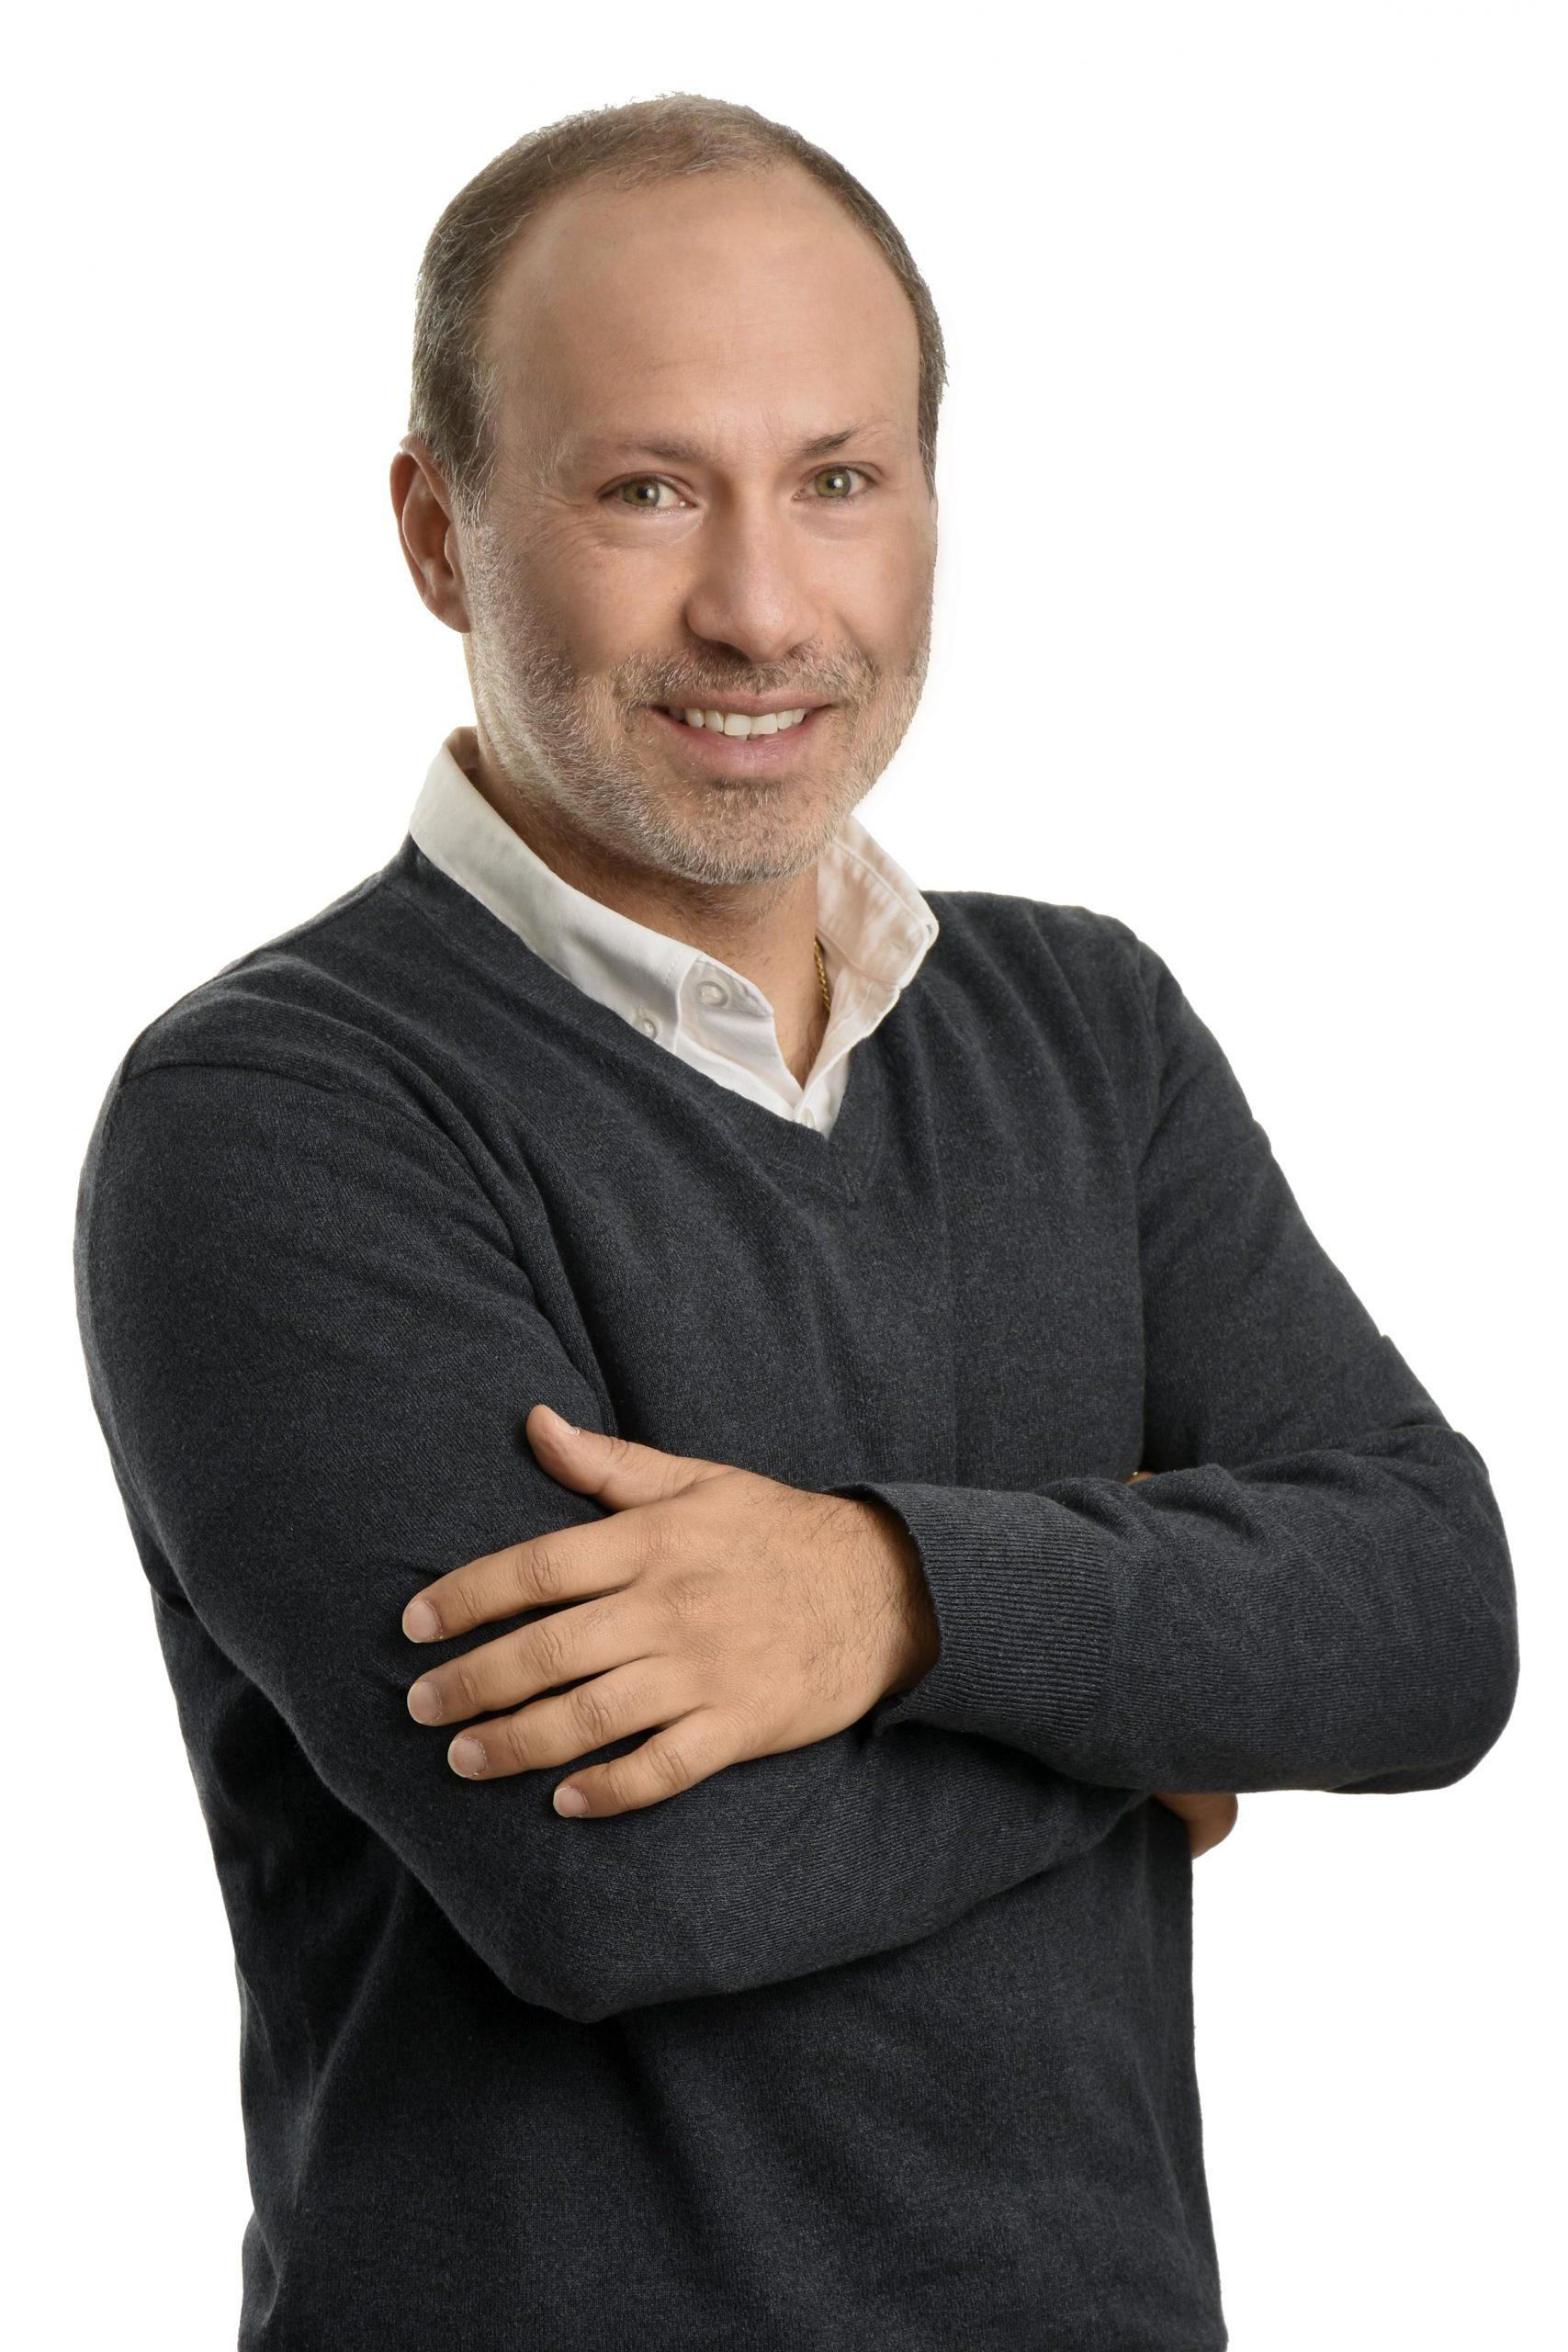 Mario Dib de Castro